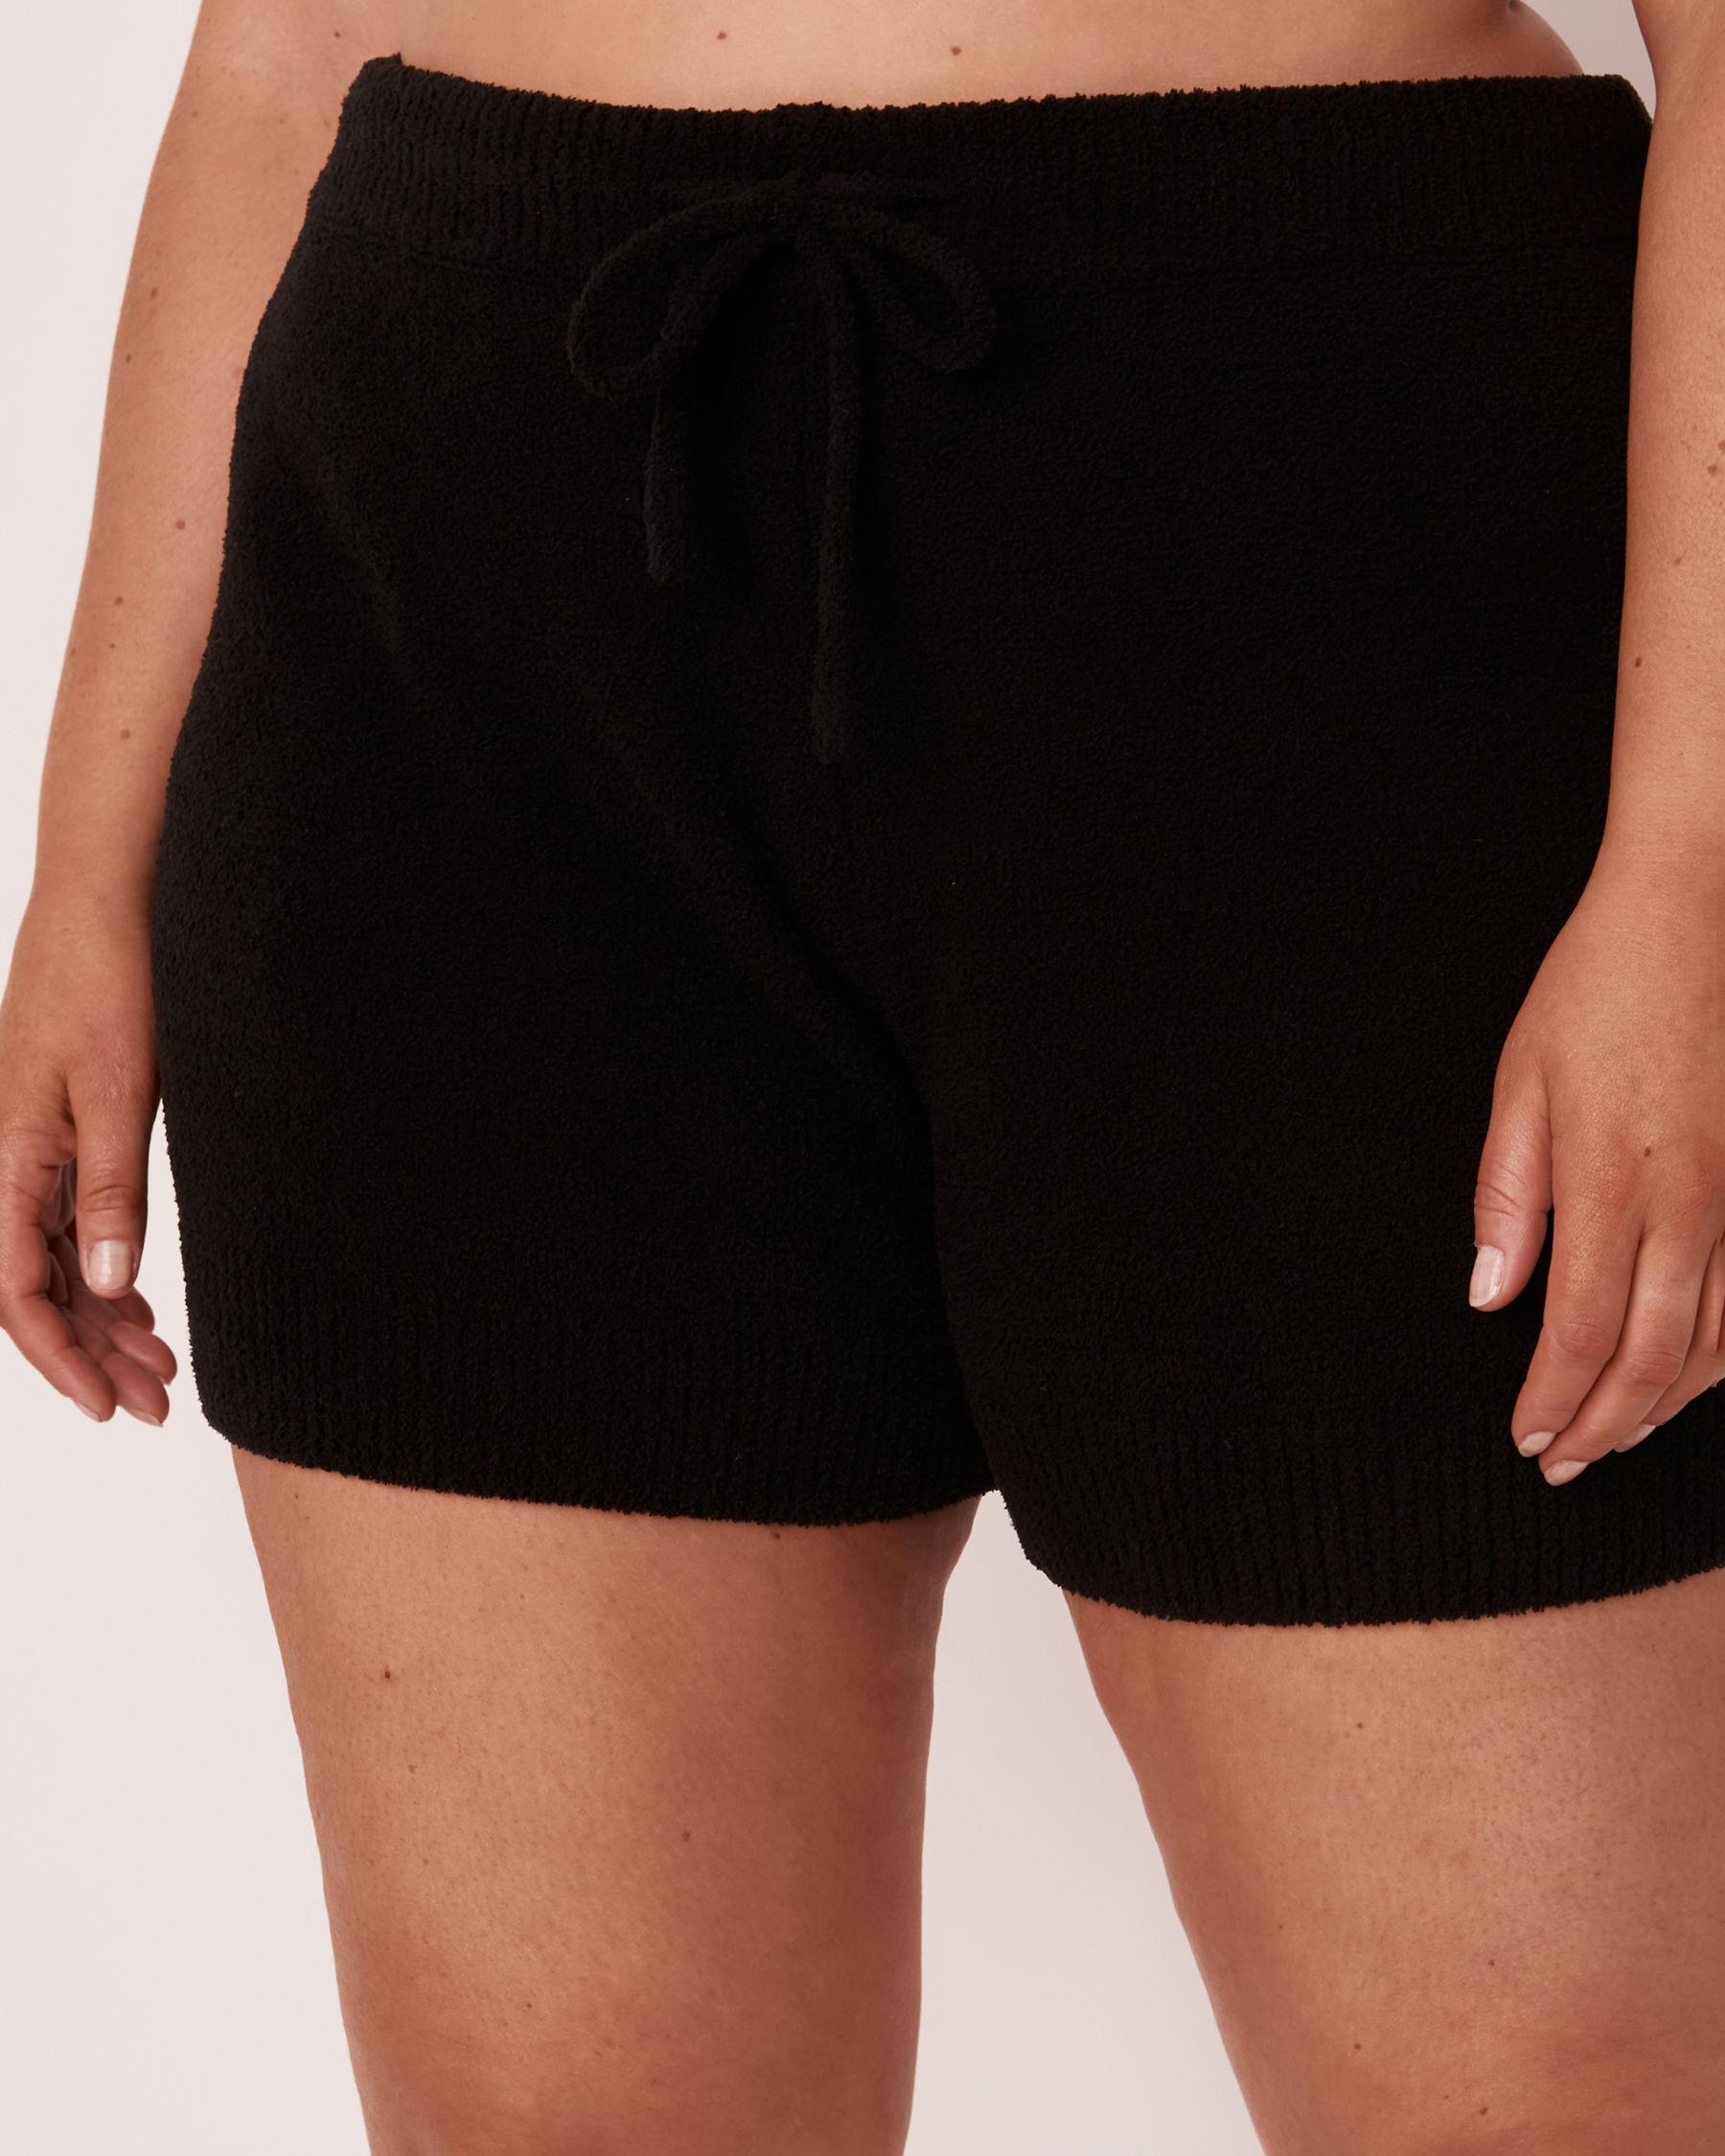 LA VIE EN ROSE Chenille Shorts Black 50200016 - View1